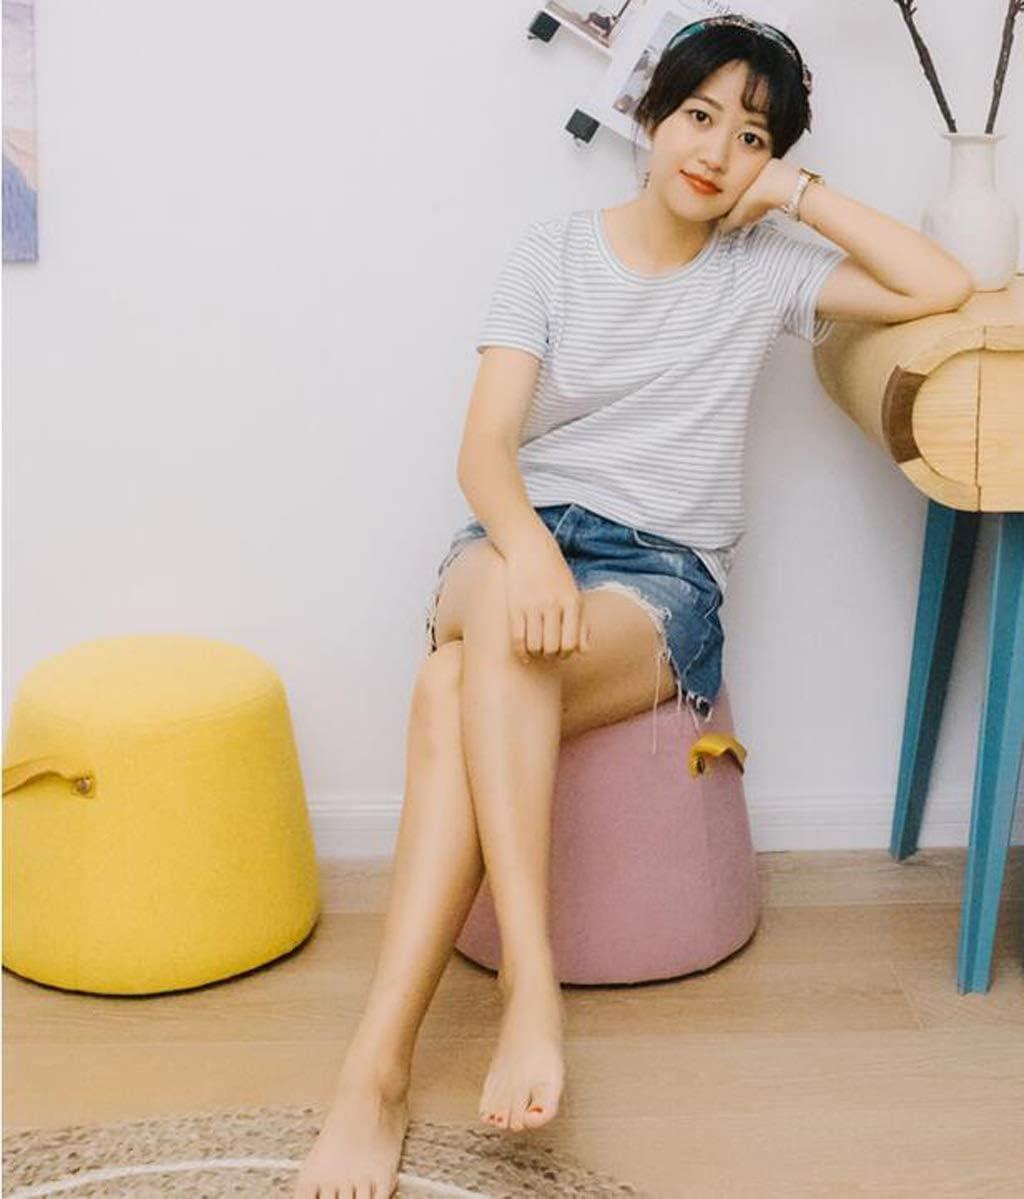 LYQZ Tabouret en Bois Mode siège Changement Chaussures Petite Chaise Salon Table Rangement Meubles canapé Tabouret (Couleur : Bleu) Jaune